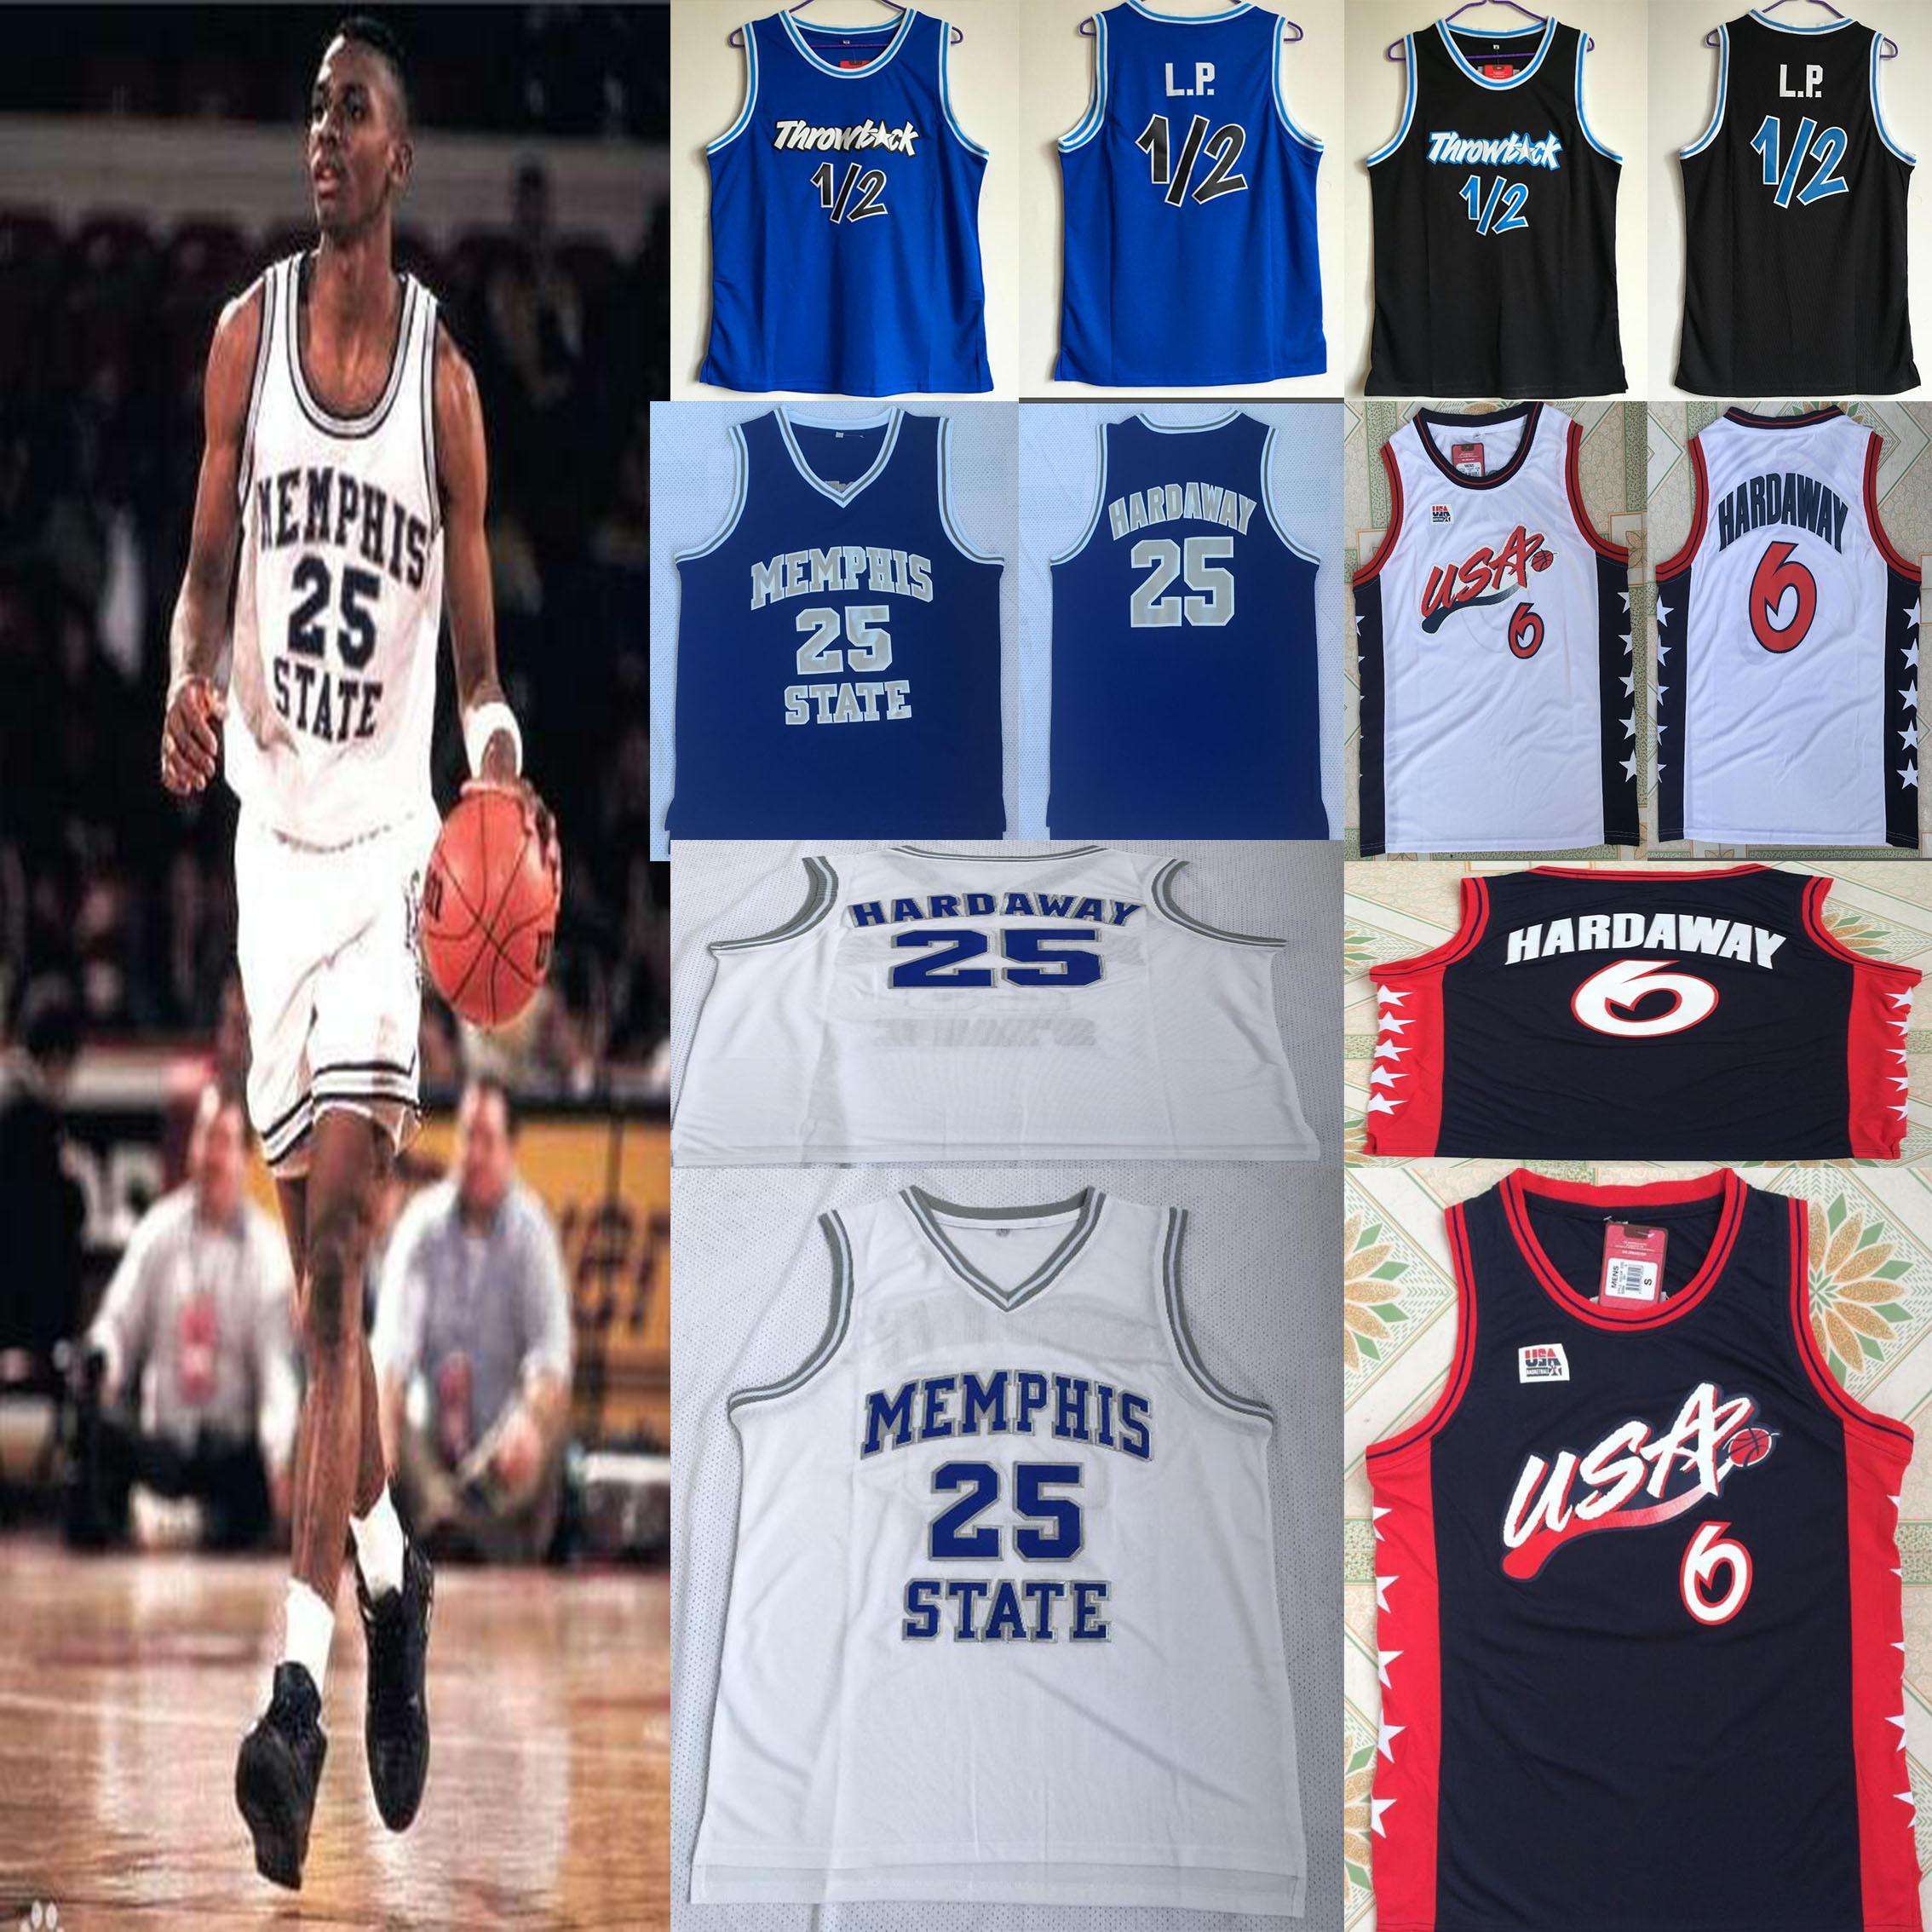 1996 EE.UU. equipo de sueño 6 Memphis Estado thrawback # 1 # 25 Hardaway jerseys blanco azul de alta calidad de cosido jerseys de baloncesto de la universidad